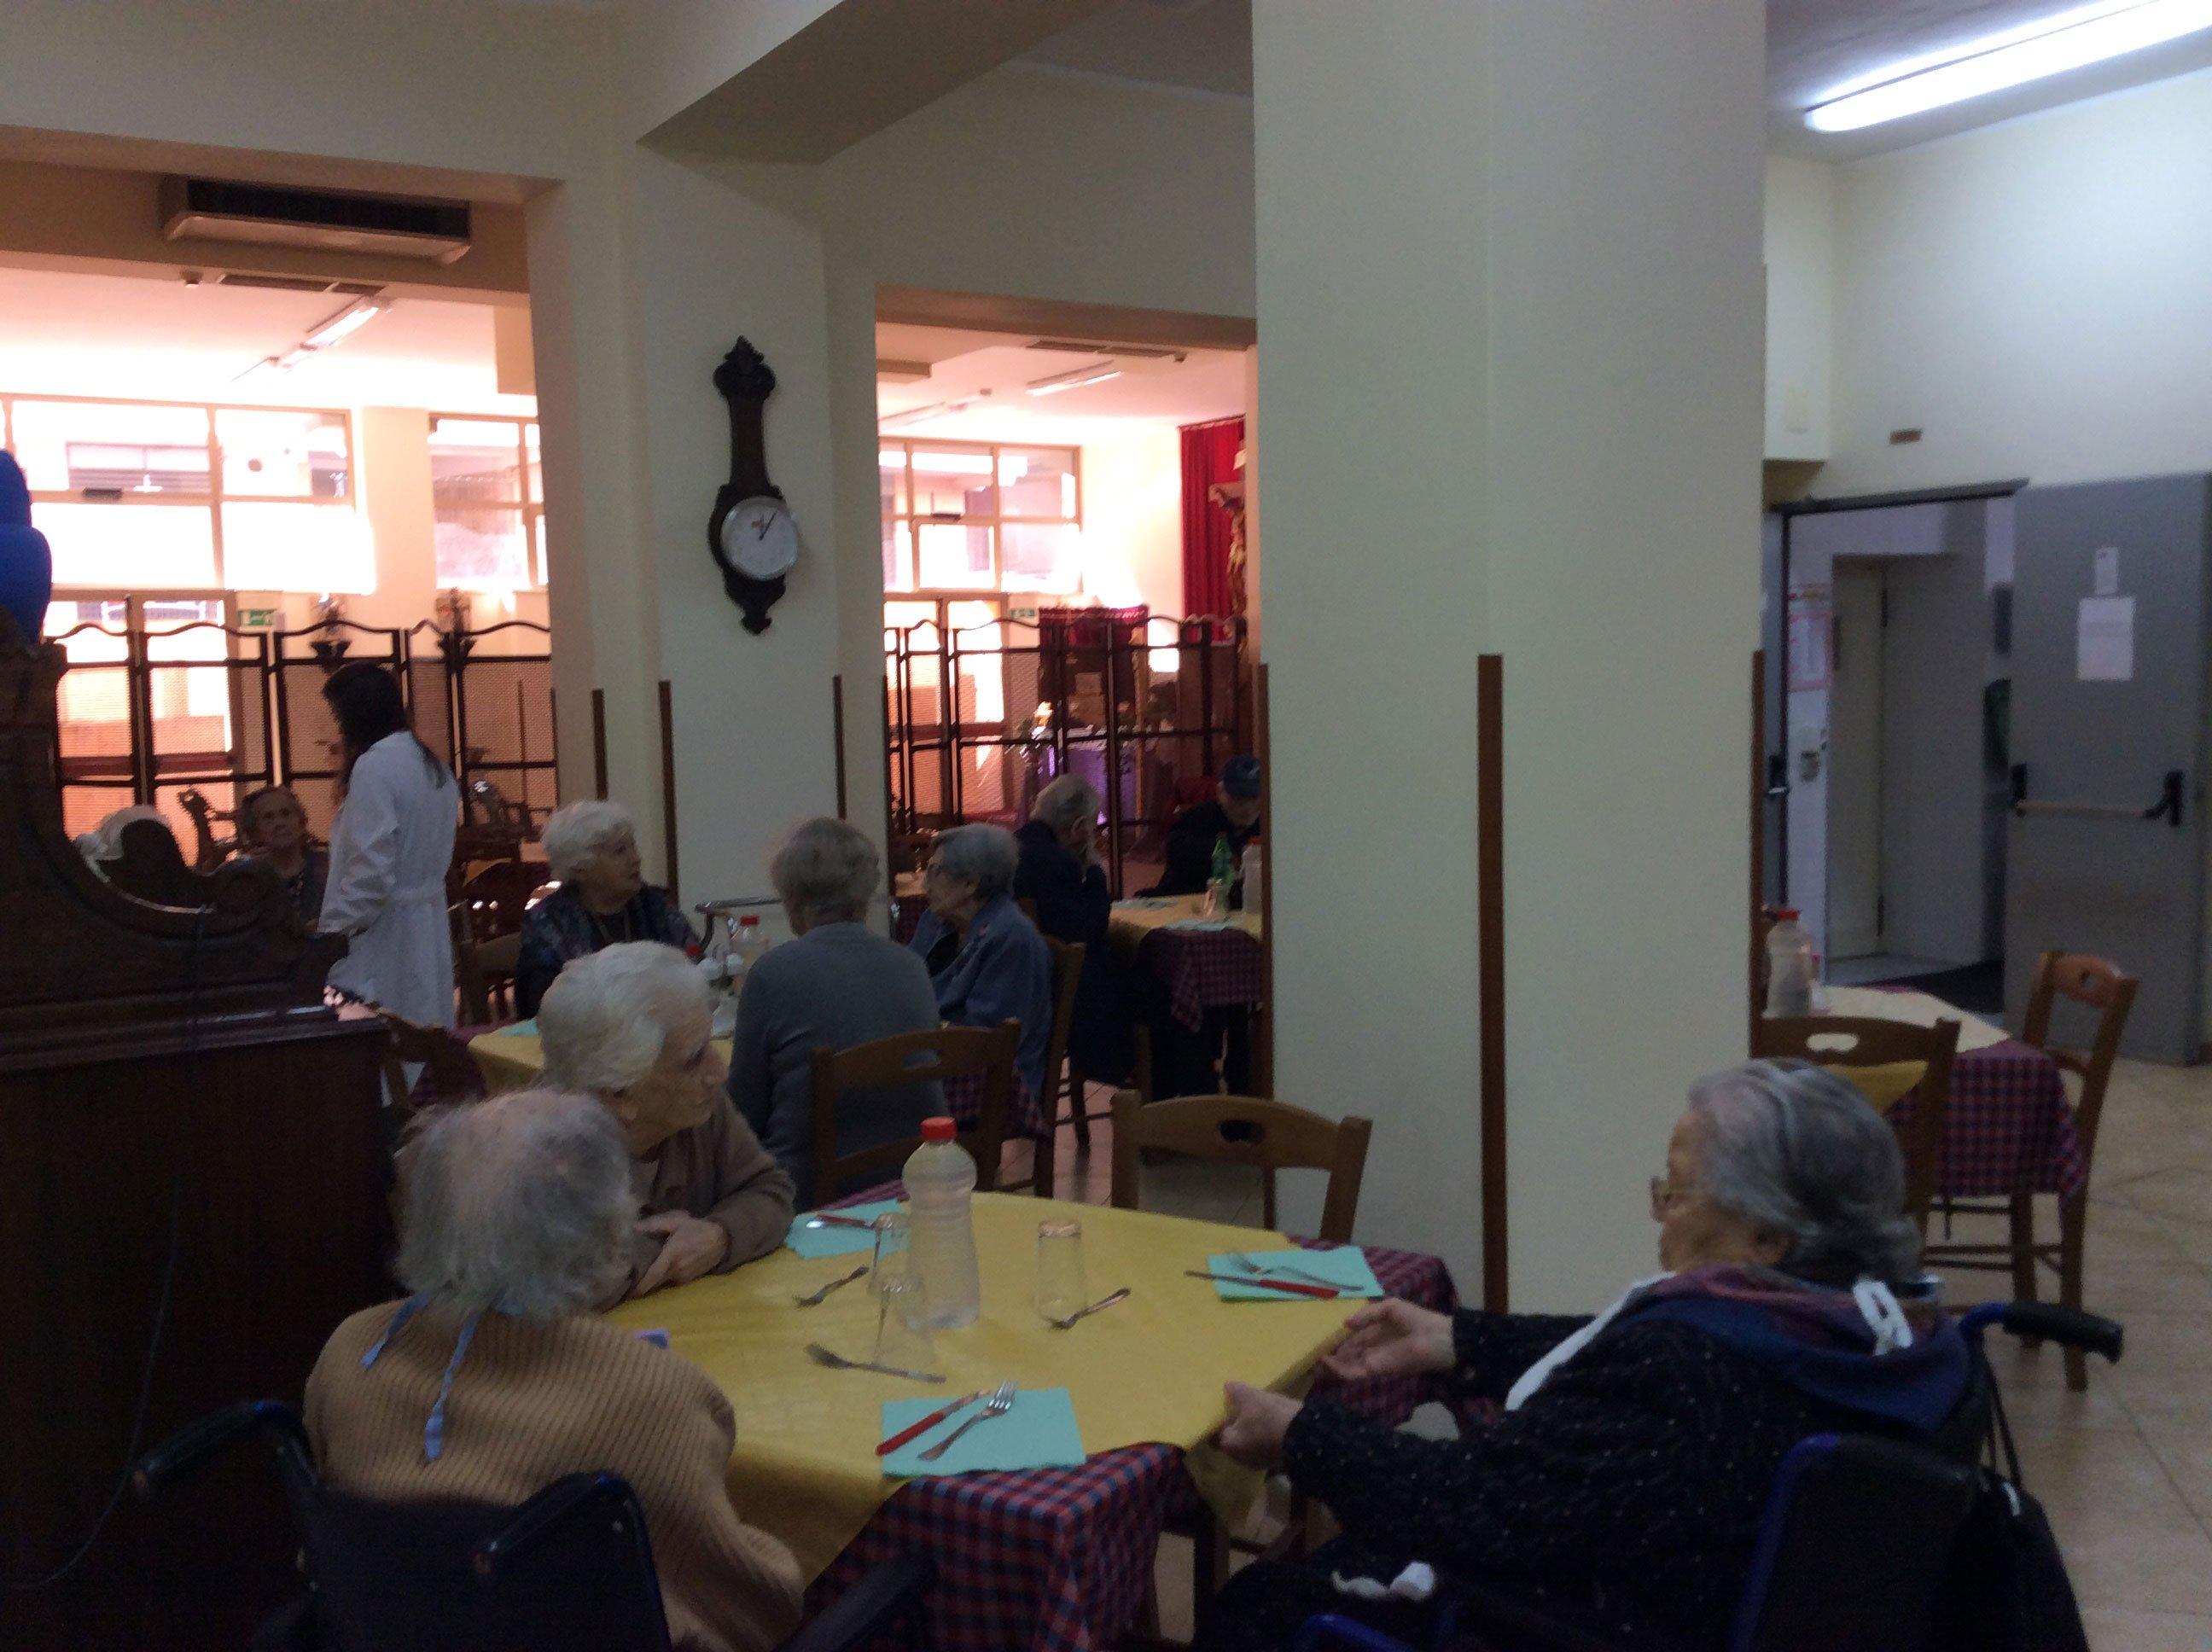 delle persone sedute ai tavoli all'interno della mensa della casa di riposo